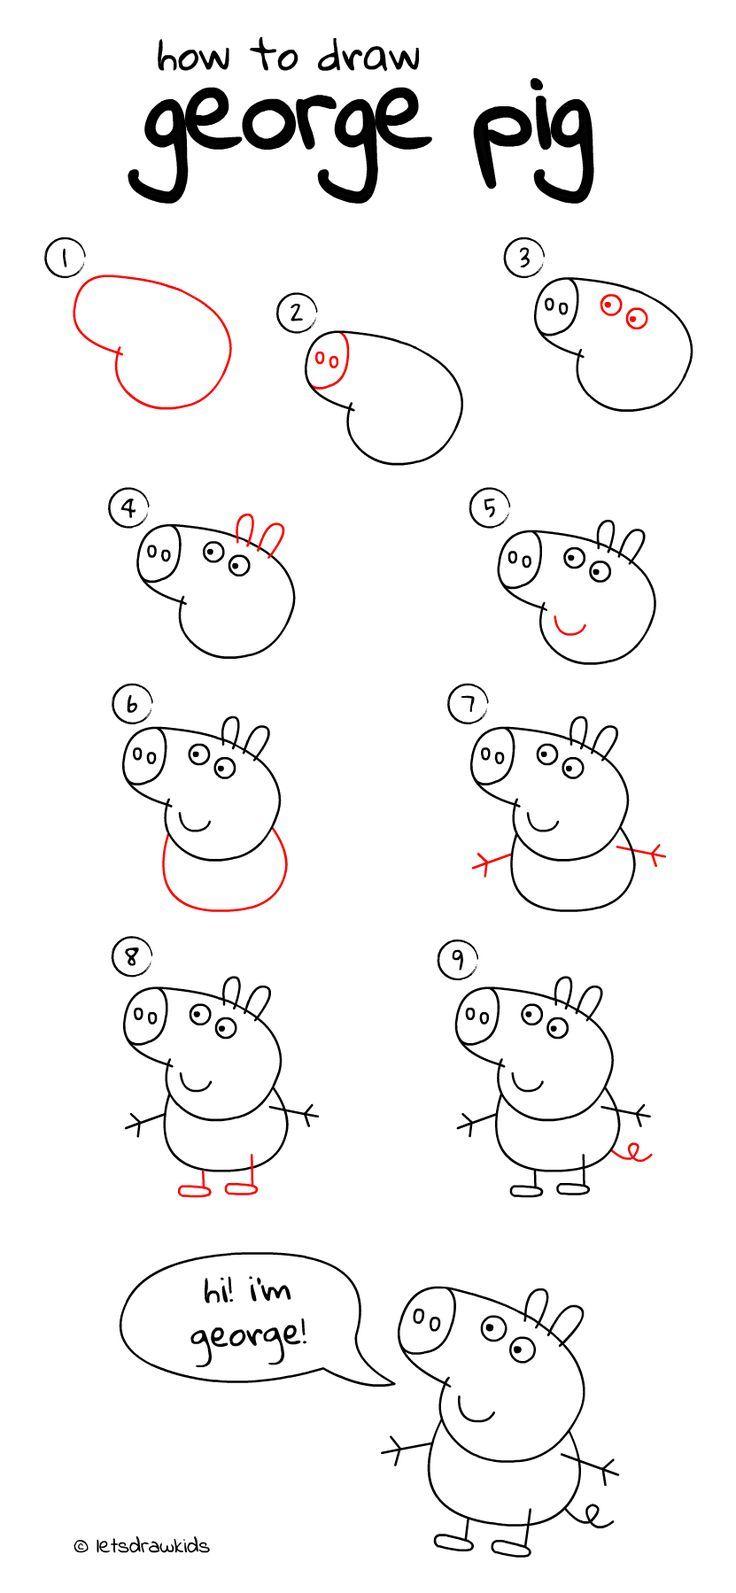 Wie Zeichnet Man George Pig Einfaches Zeichnen Schritt Fur Schritt Perfekt Fur Kinder Lass Uns Malen Kinder Zeichnen Zeichnen Kritzeleien